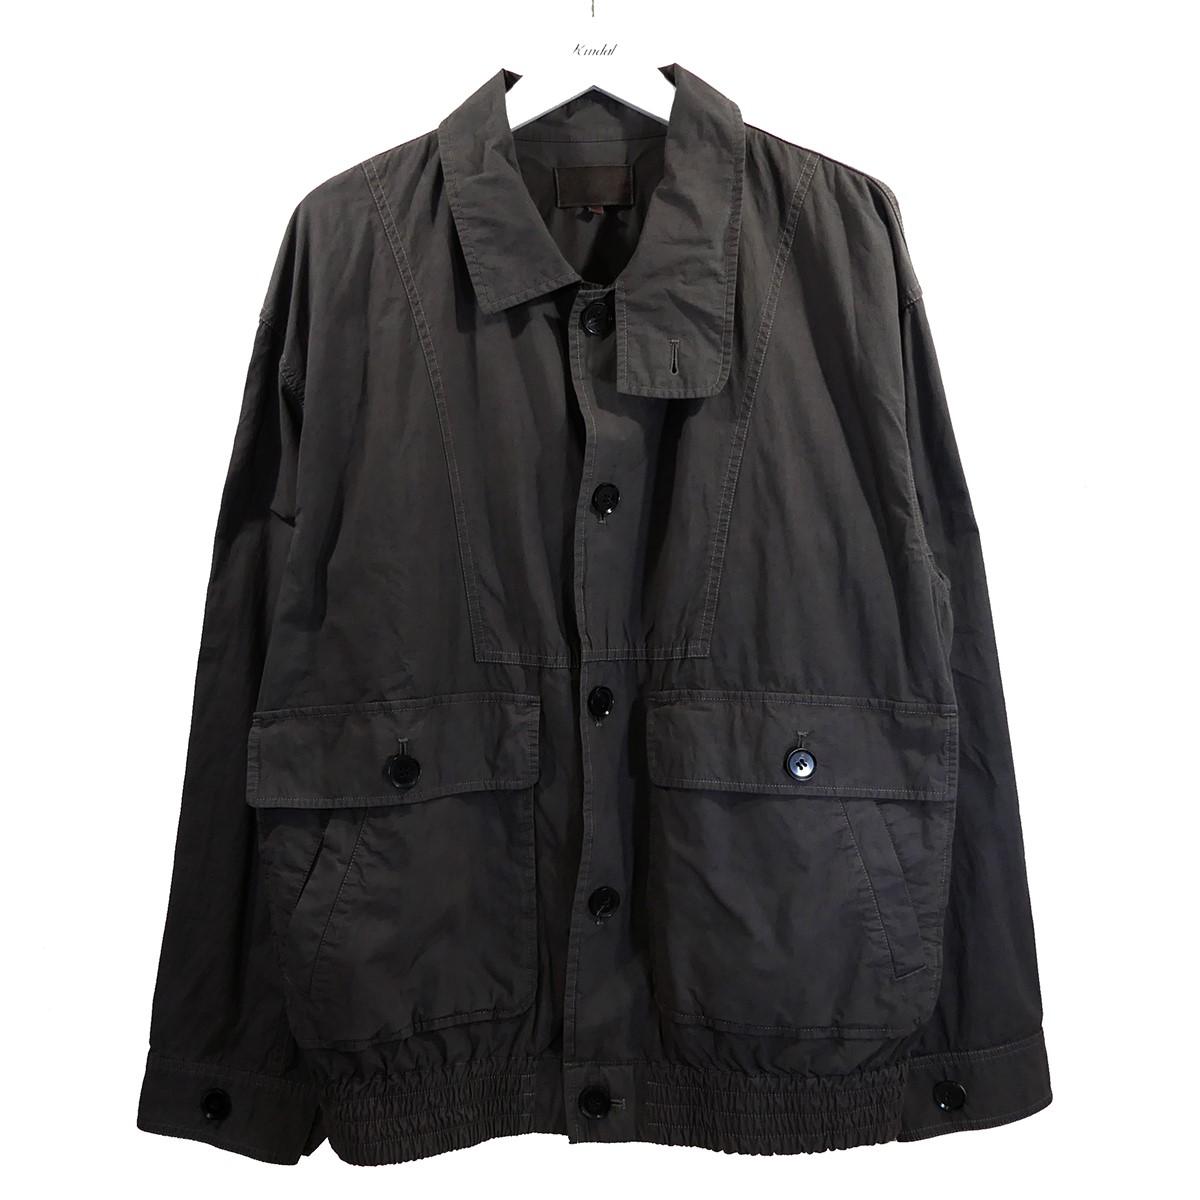 【中古】YOKO SAKAMOTO 2020SS OVER BOMBER JACKET オーバーサイズジャケット ブラウン サイズ:L 【170820】(ヨウコサカモト)